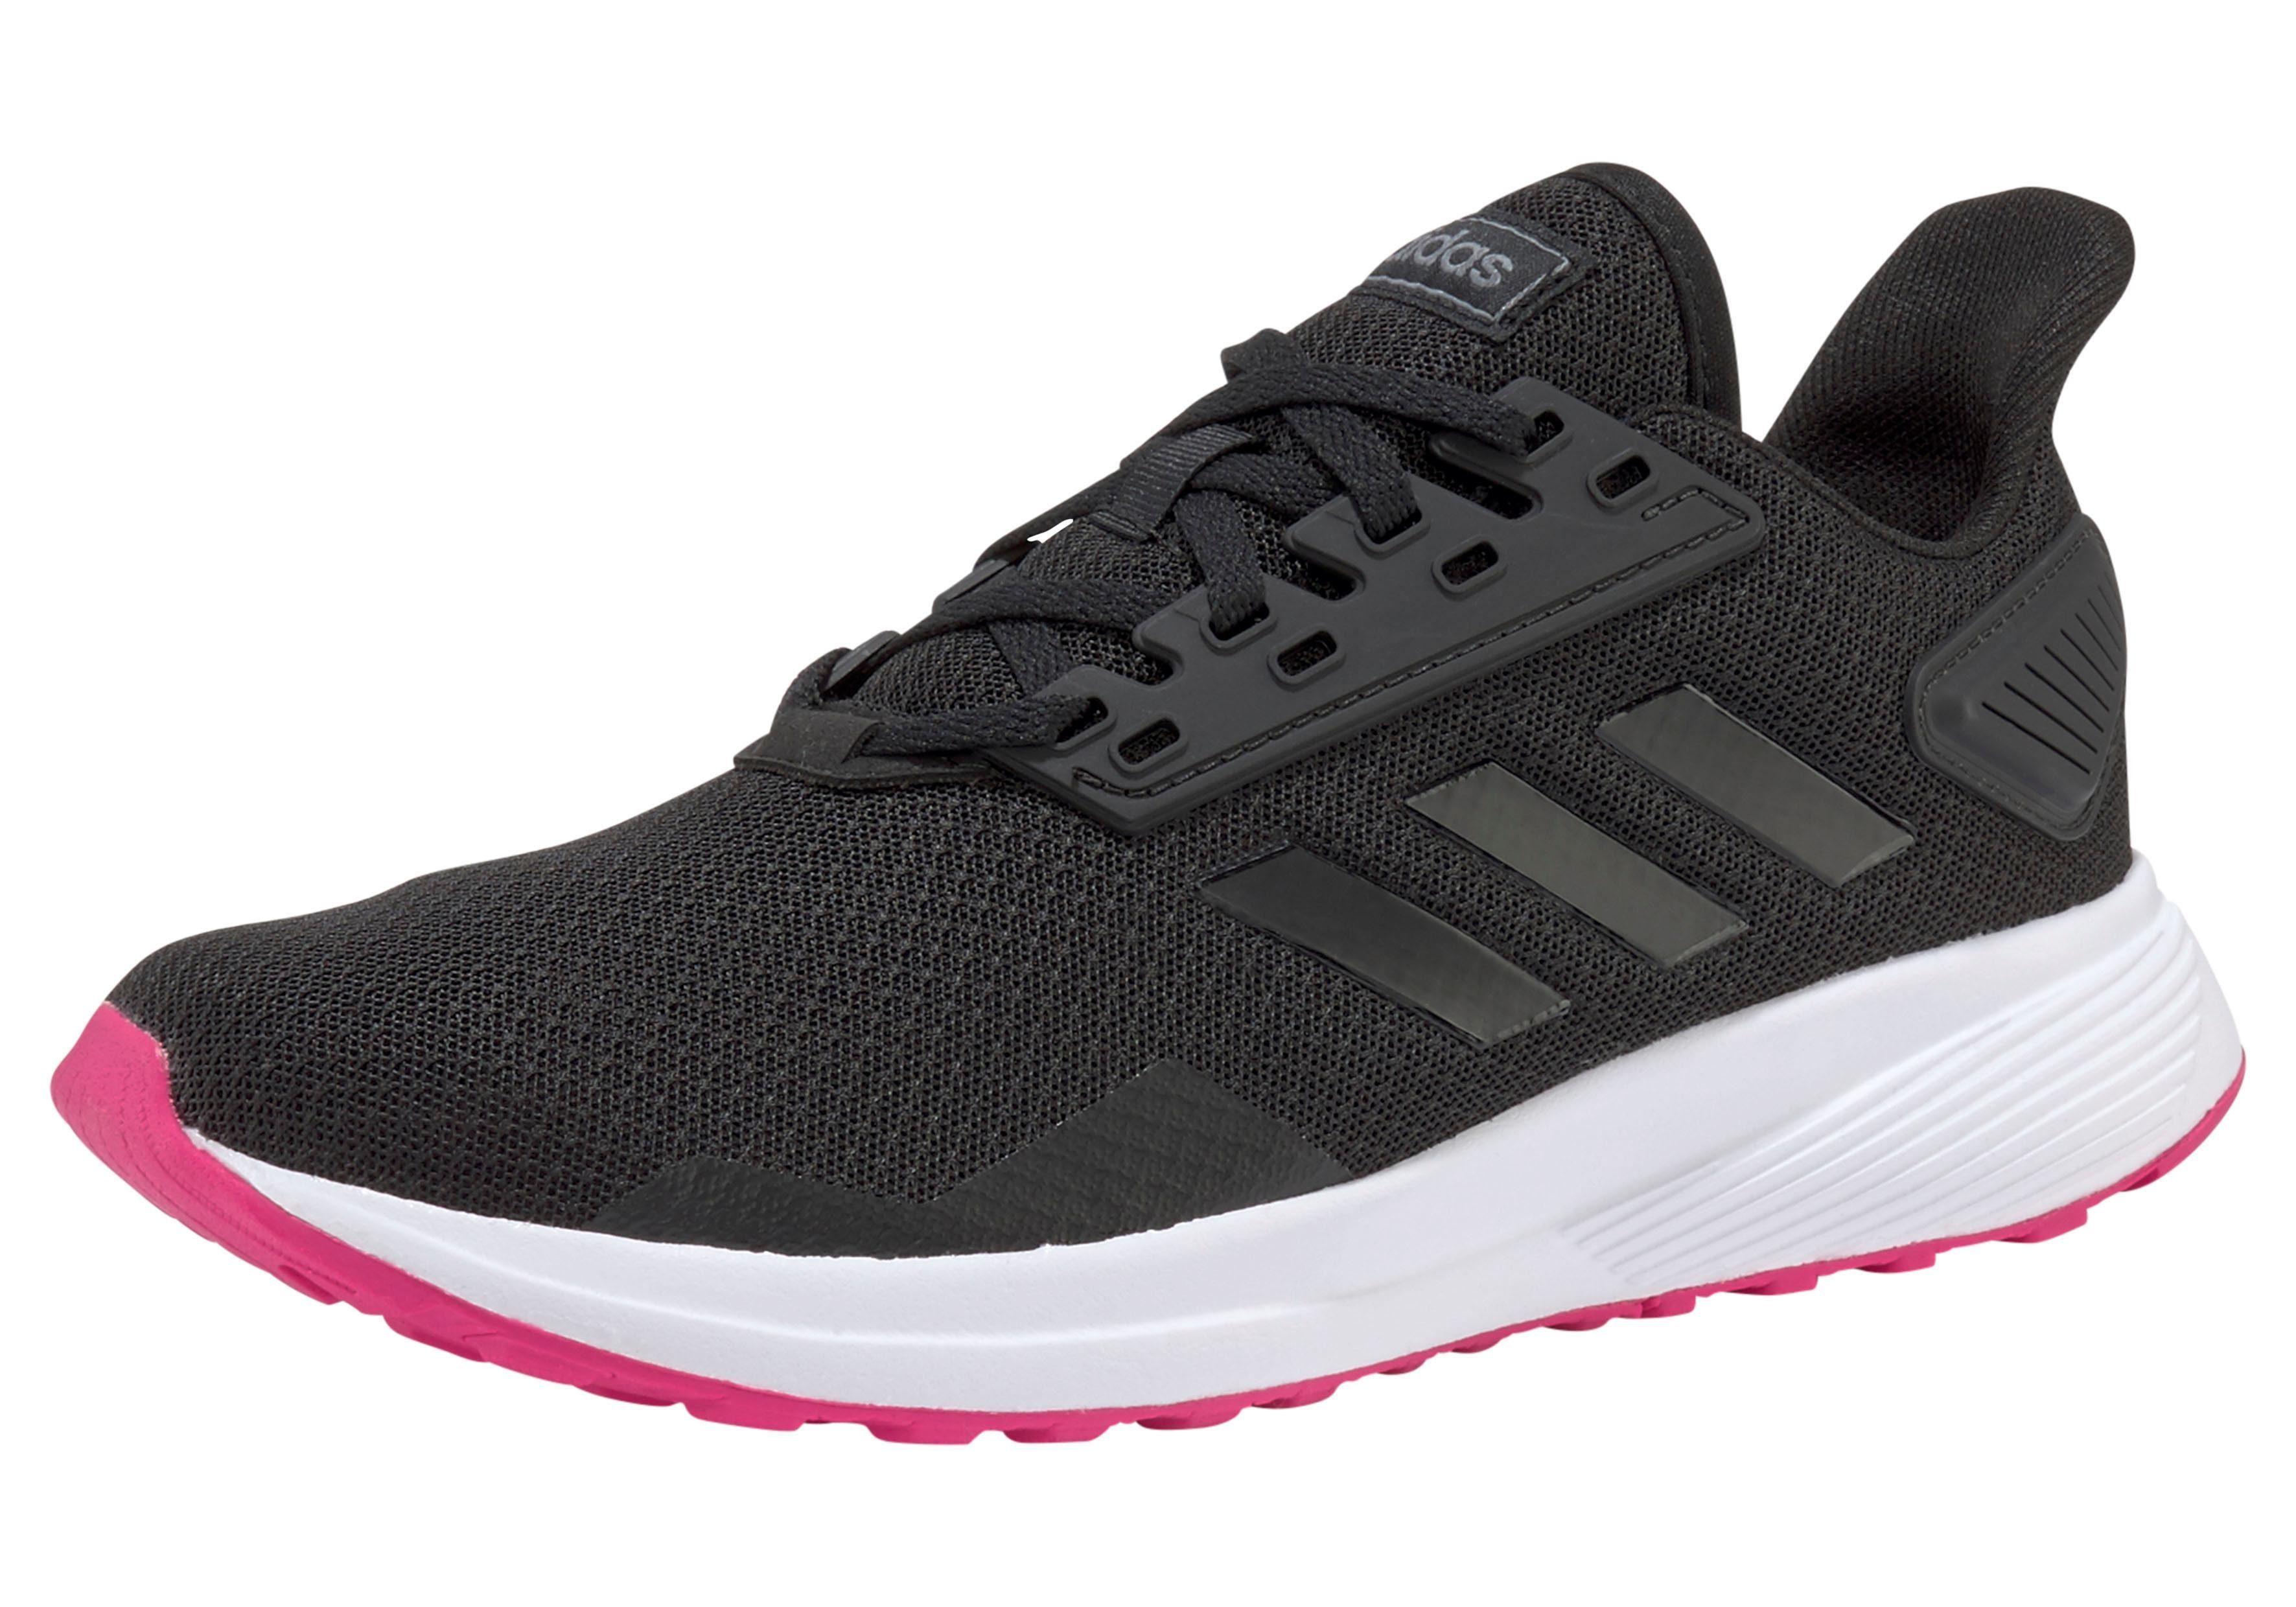 adidas Originals Edge Lux Women Grün Schuhe Laufschuhe Damen 64